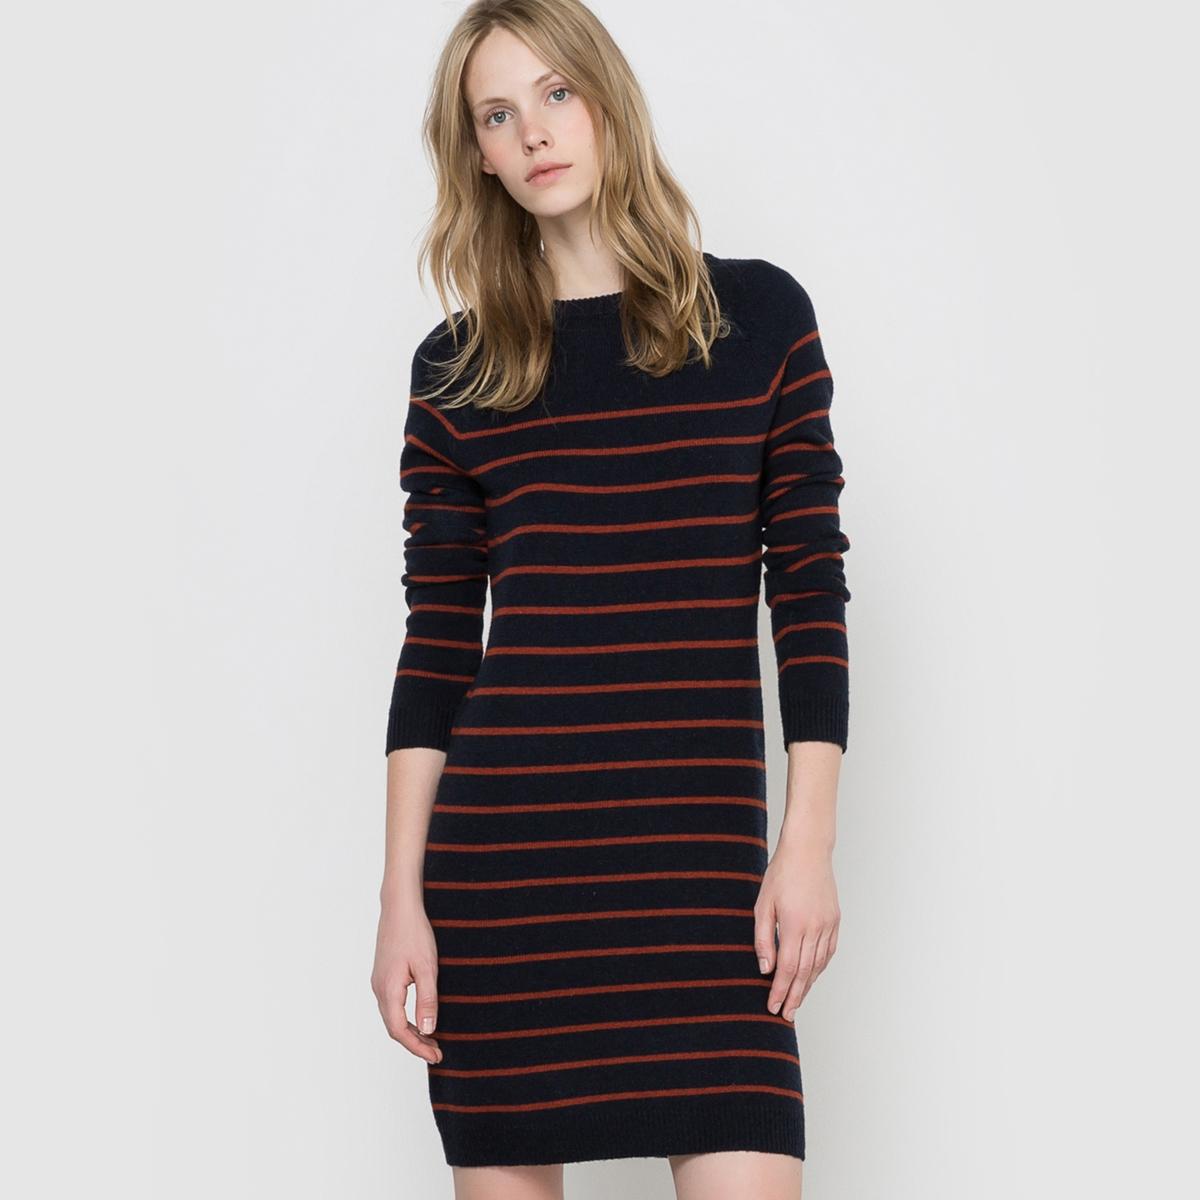 Платье-пуловер в полоску, 50% шерстиСостав и описаниеМатериал 50% шерсти ягненка, 30% полиамида, 20% вискозыМарка R EssentielУходРучная стиркаМашинная сушка запрещенаГладить с изнаночной стороны при умеренной температуре<br><br>Цвет: в полоску темно-синий/зеленый,в полоску темно-синий/кирпичный